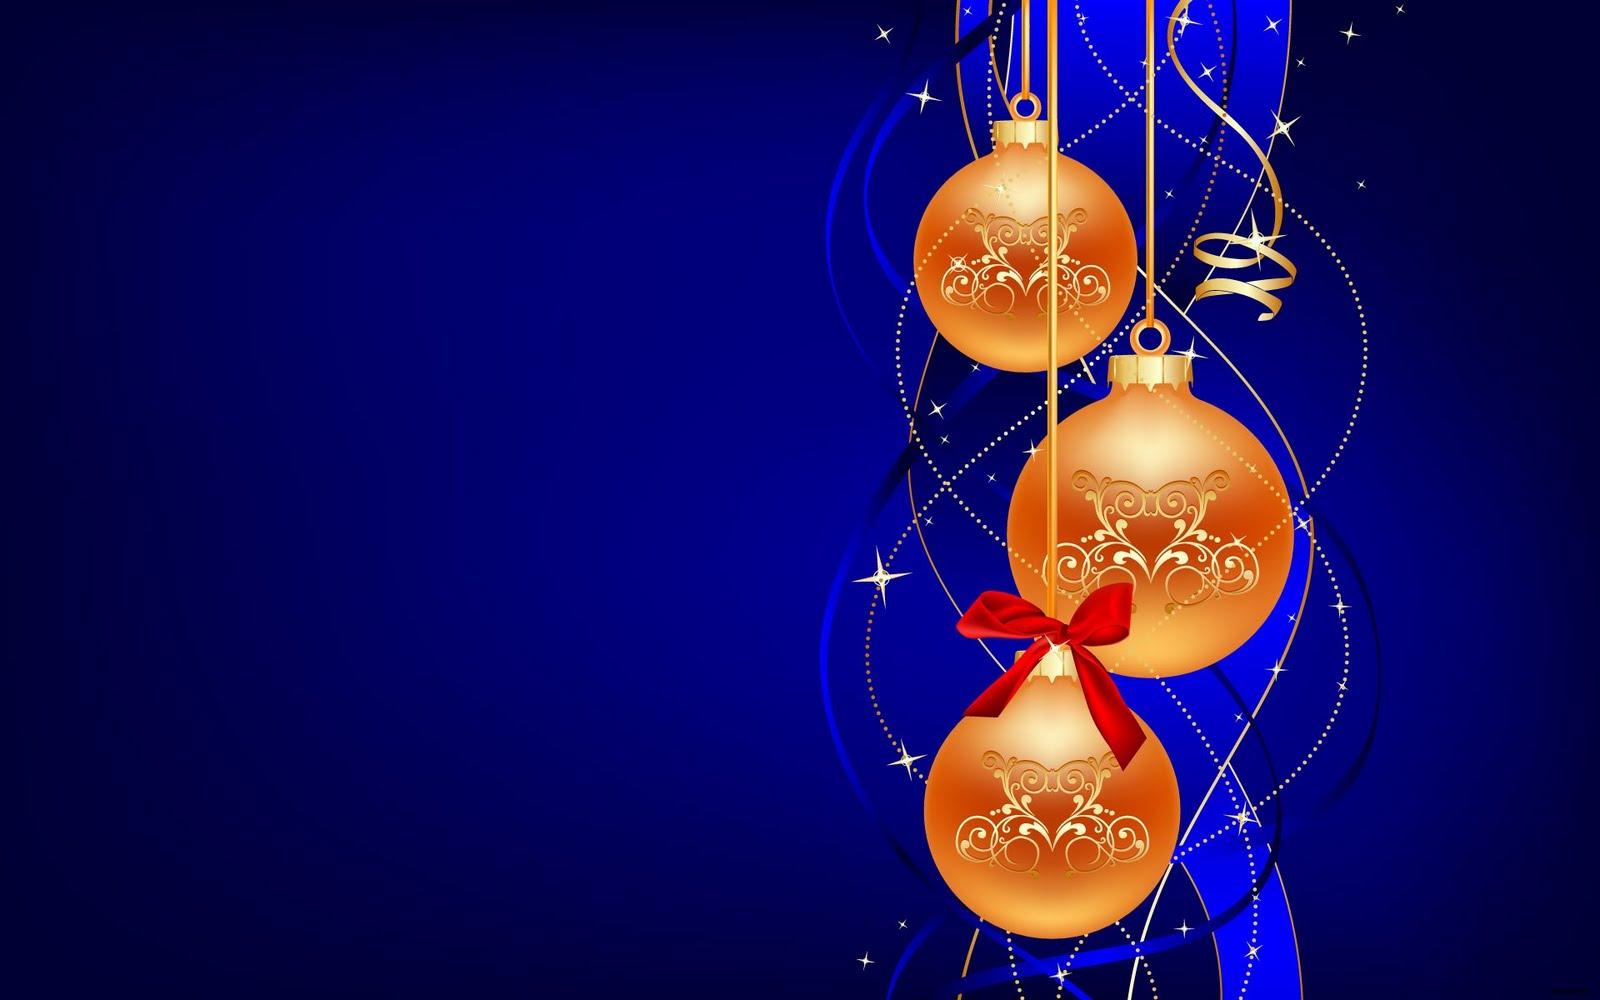 Immagini Natale Per Desktop.Sfondi Desktop Natale Per Pc Cartolina Natalizia Centrofisioestetica